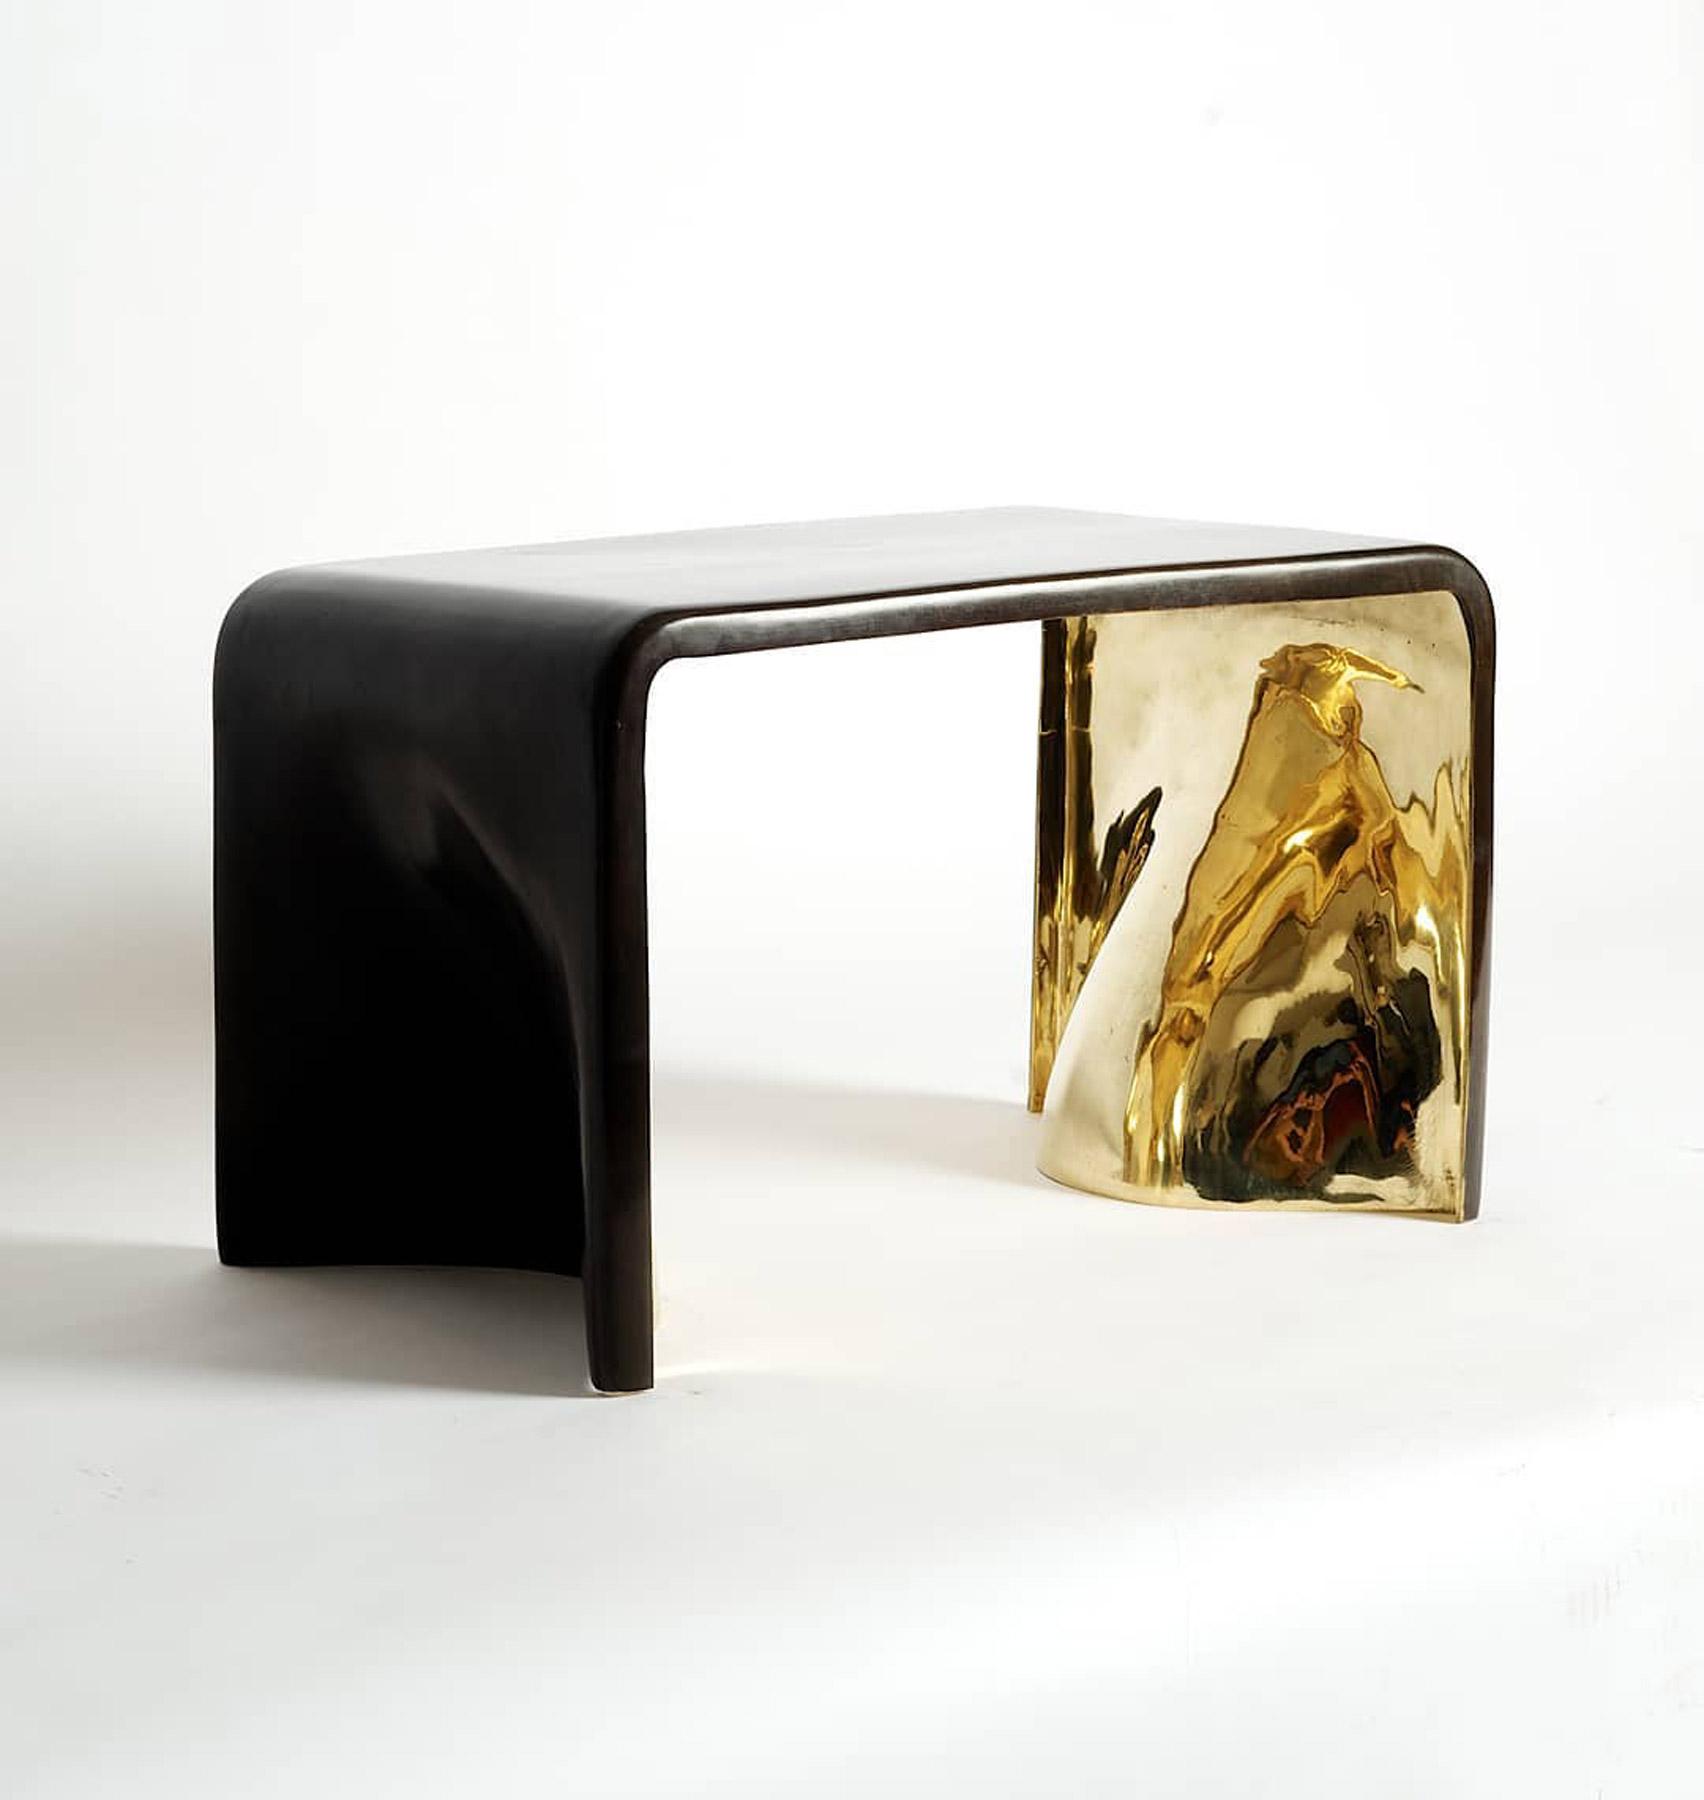 Khetan console by Elan Atelier